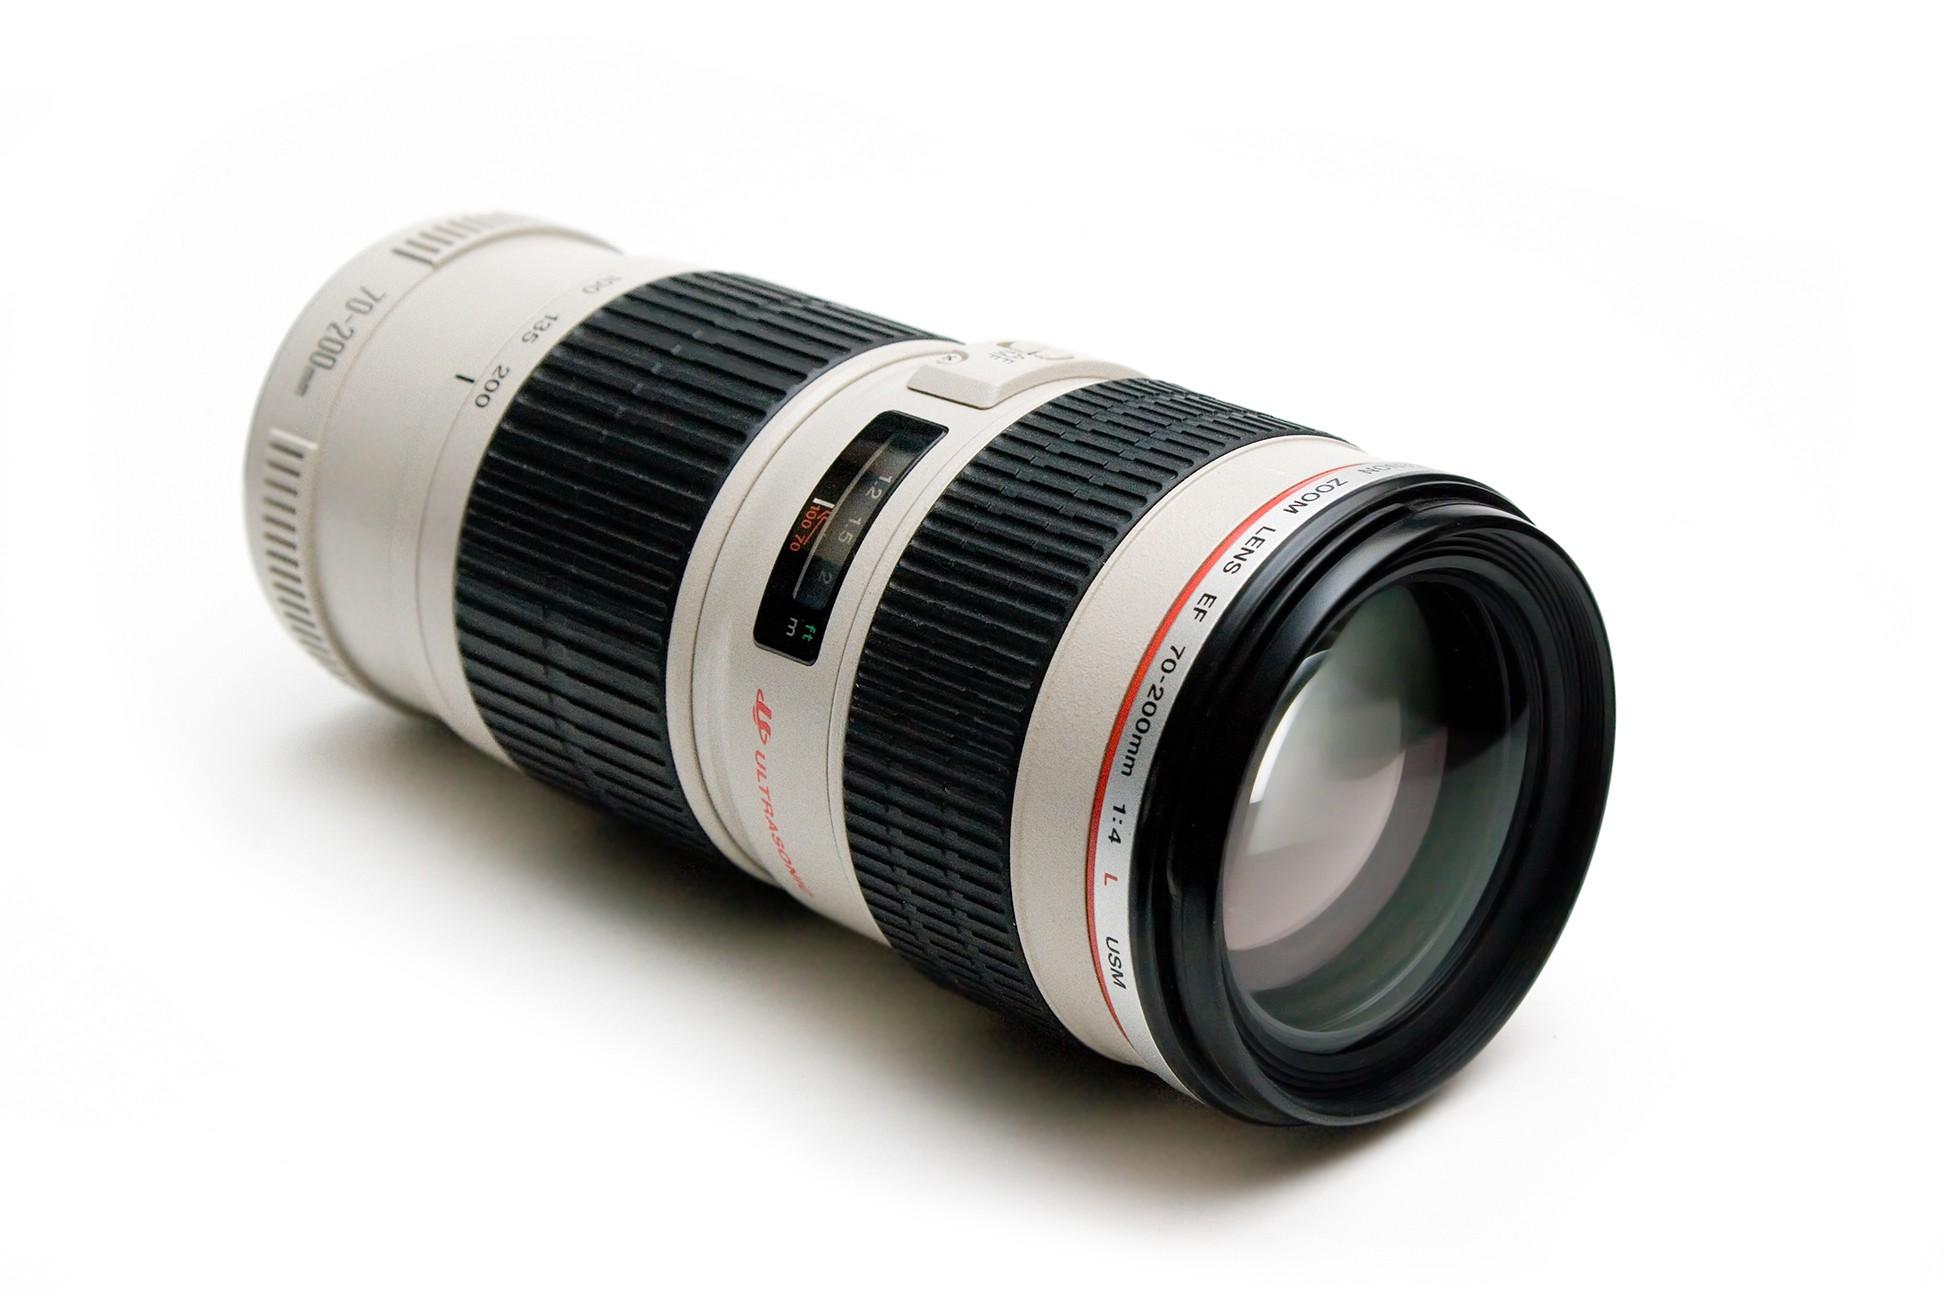 Obiettivo Canon EF 70-200mm f/4.0 L USM